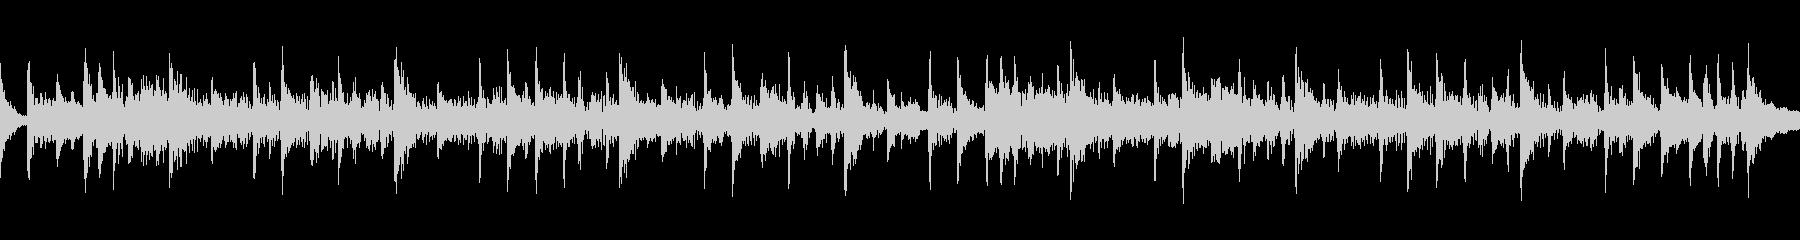 リズミカルなドラムロックの未再生の波形